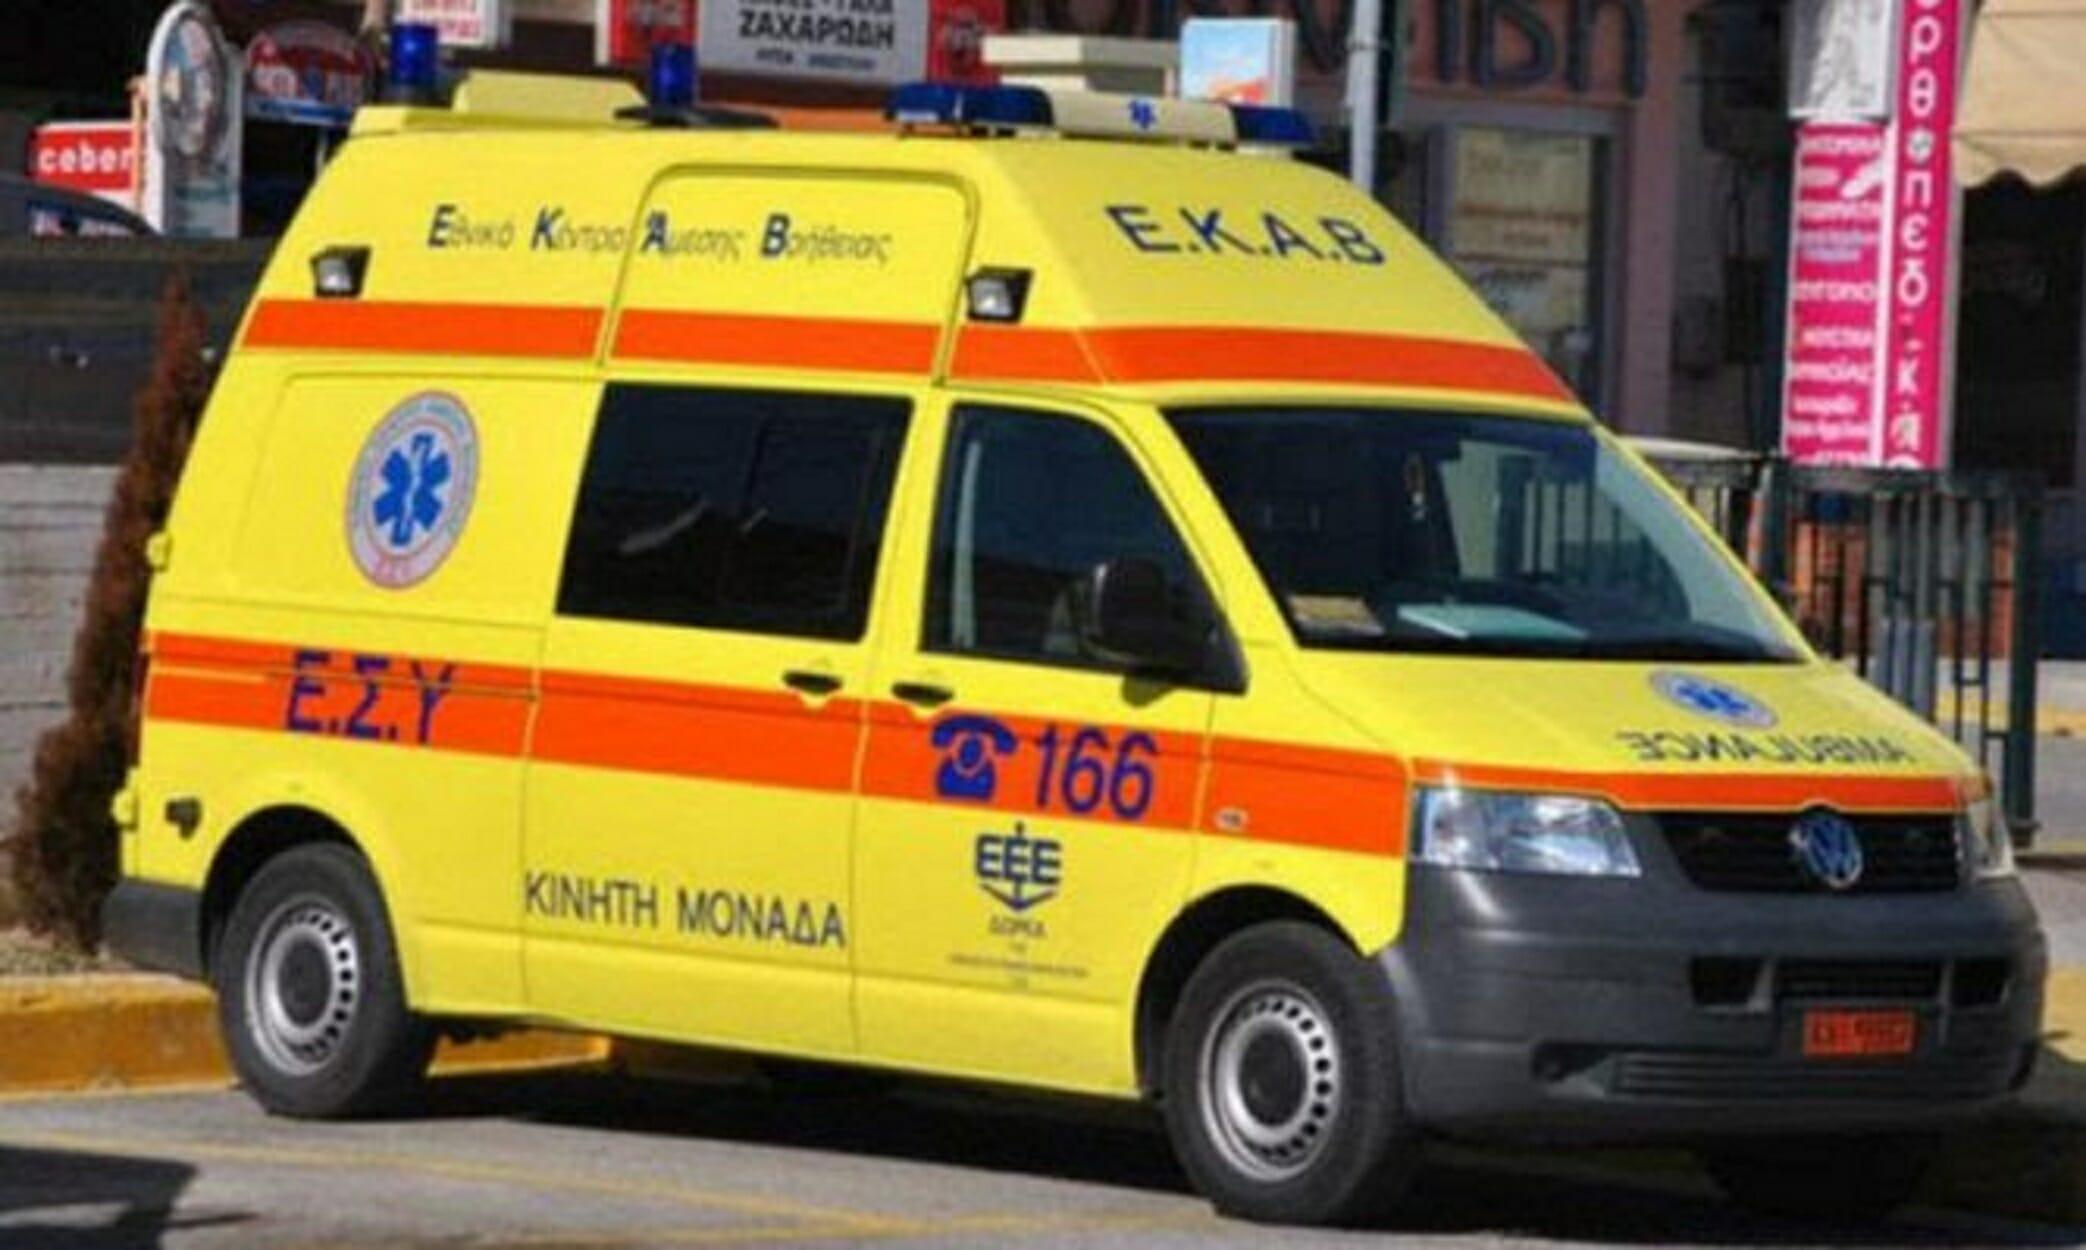 Λαμία: Τροχαίο με τρεις τραυματίες σε διασταύρωση! Στο νοσοκομείο παππούς και εγγονός